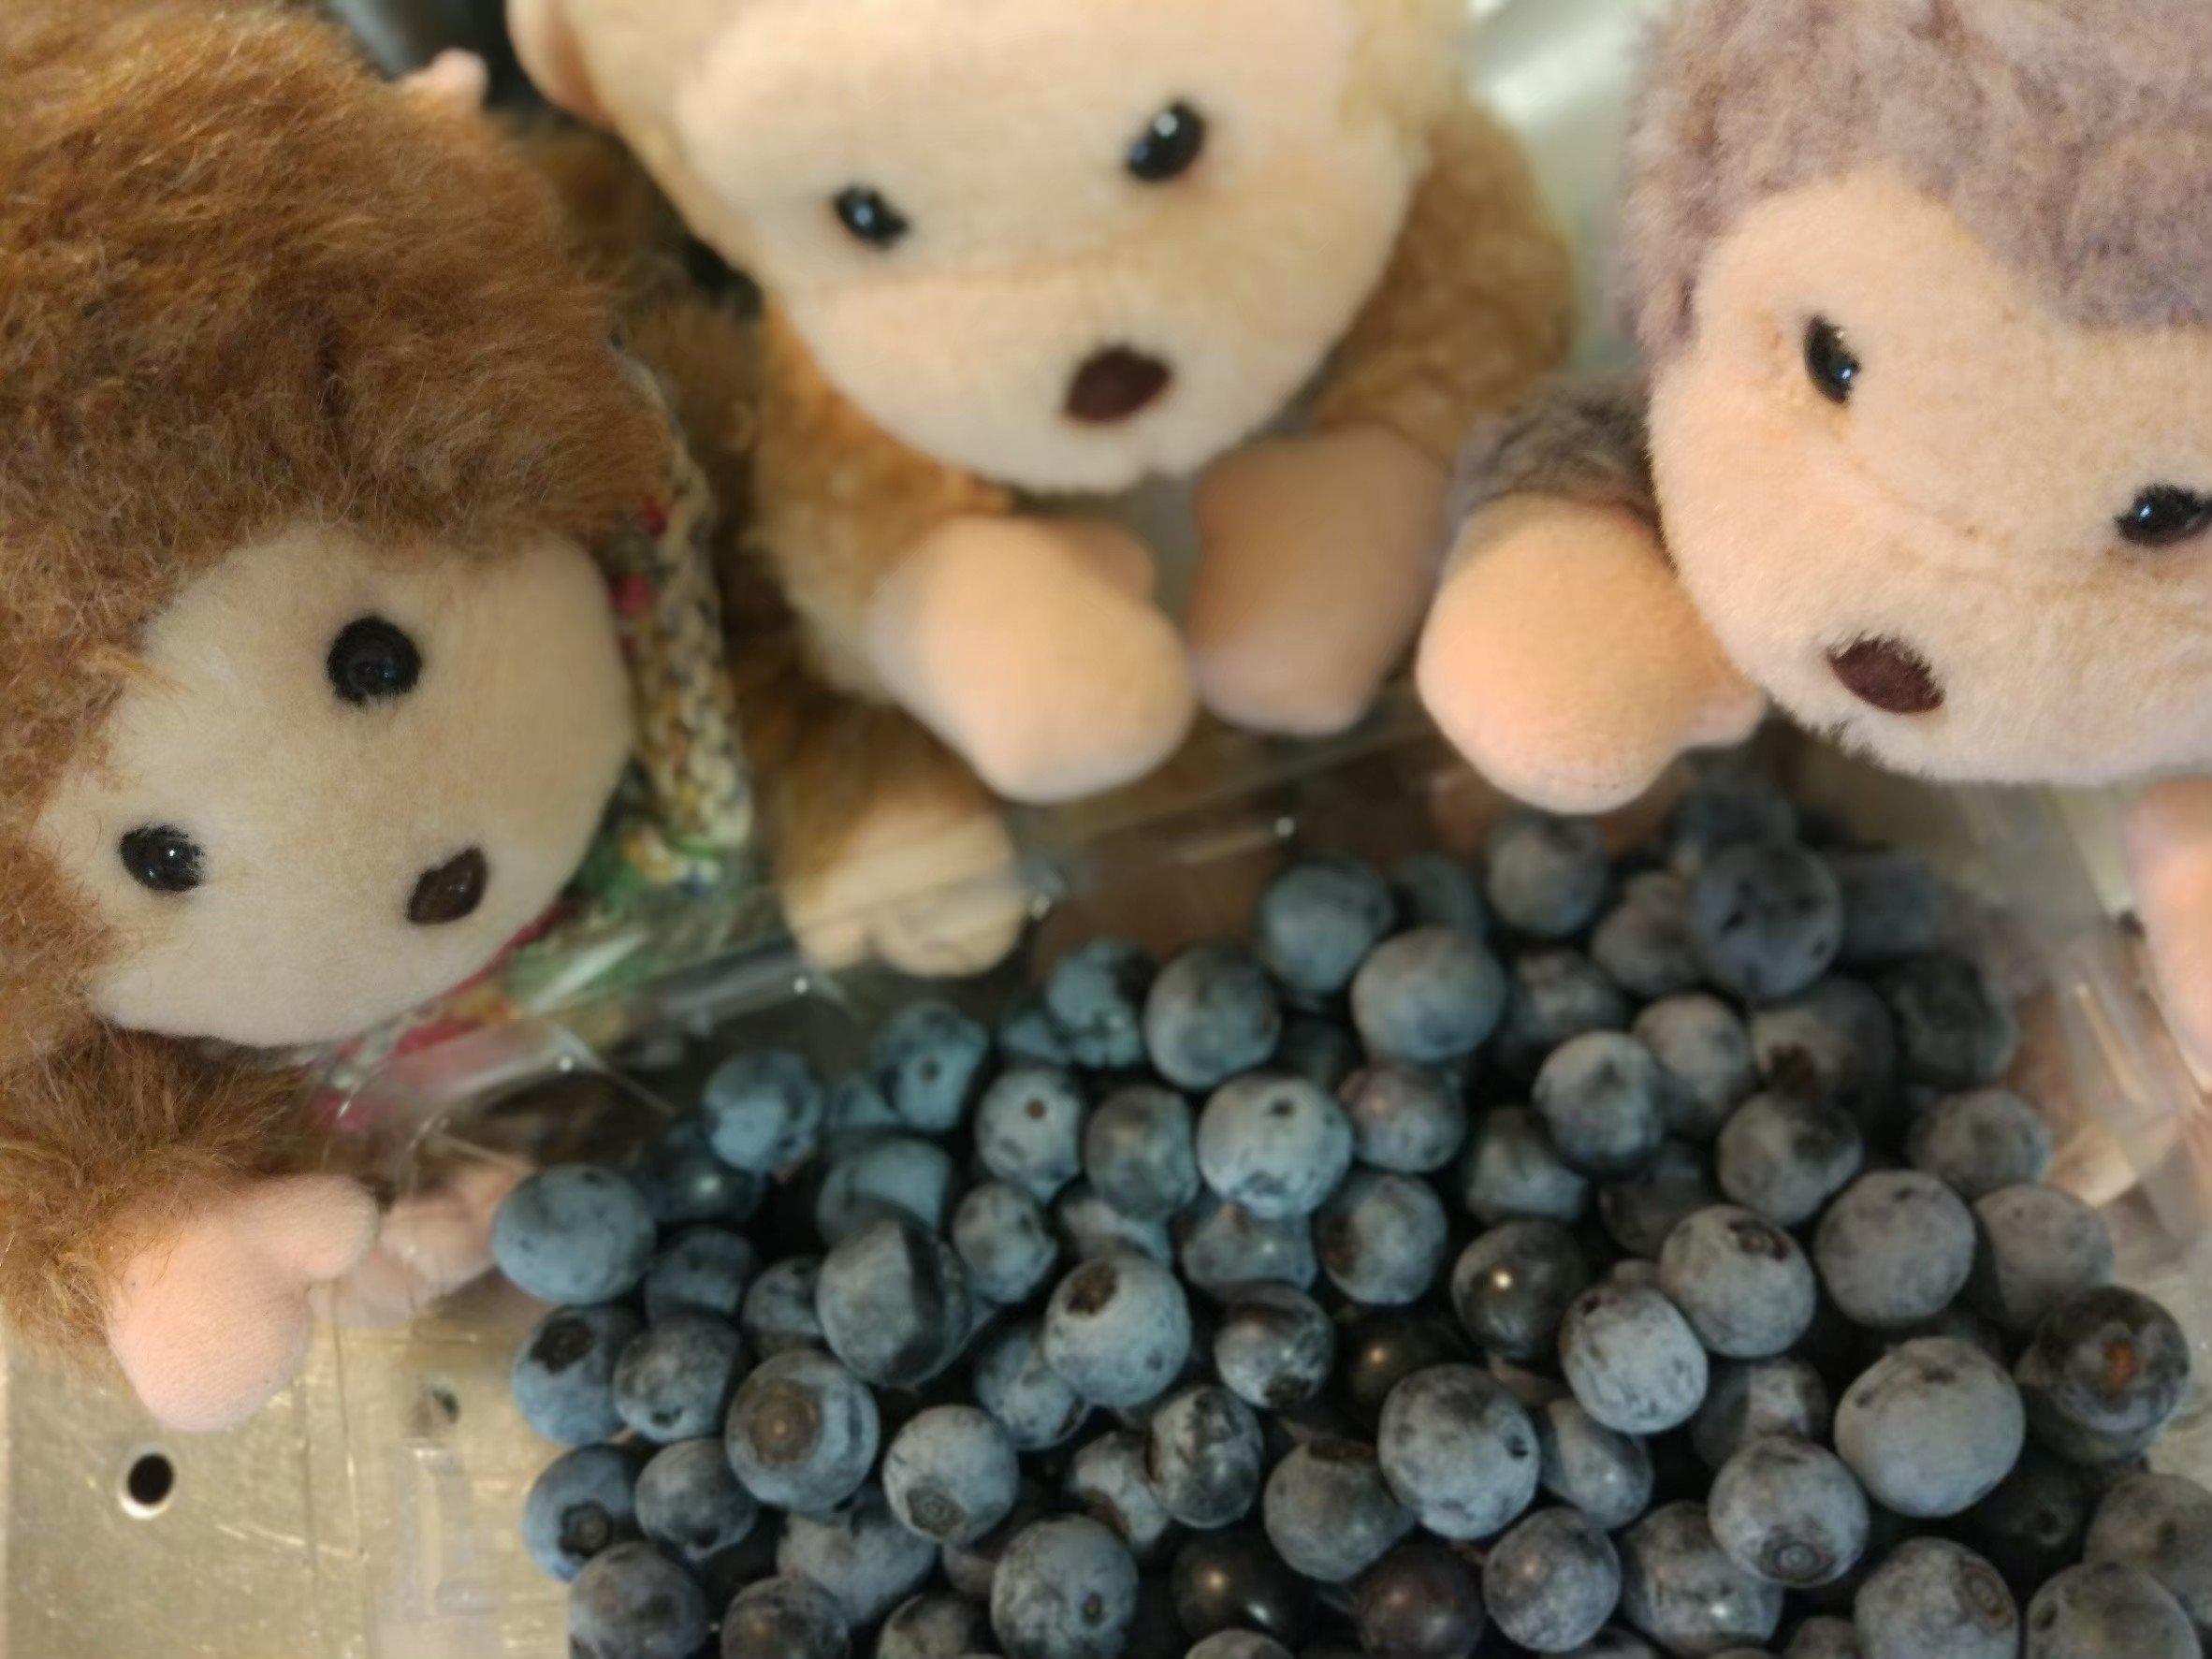 横浜でブルーベリー狩り!よこはまあさひブルーベリーの森に行ってきた